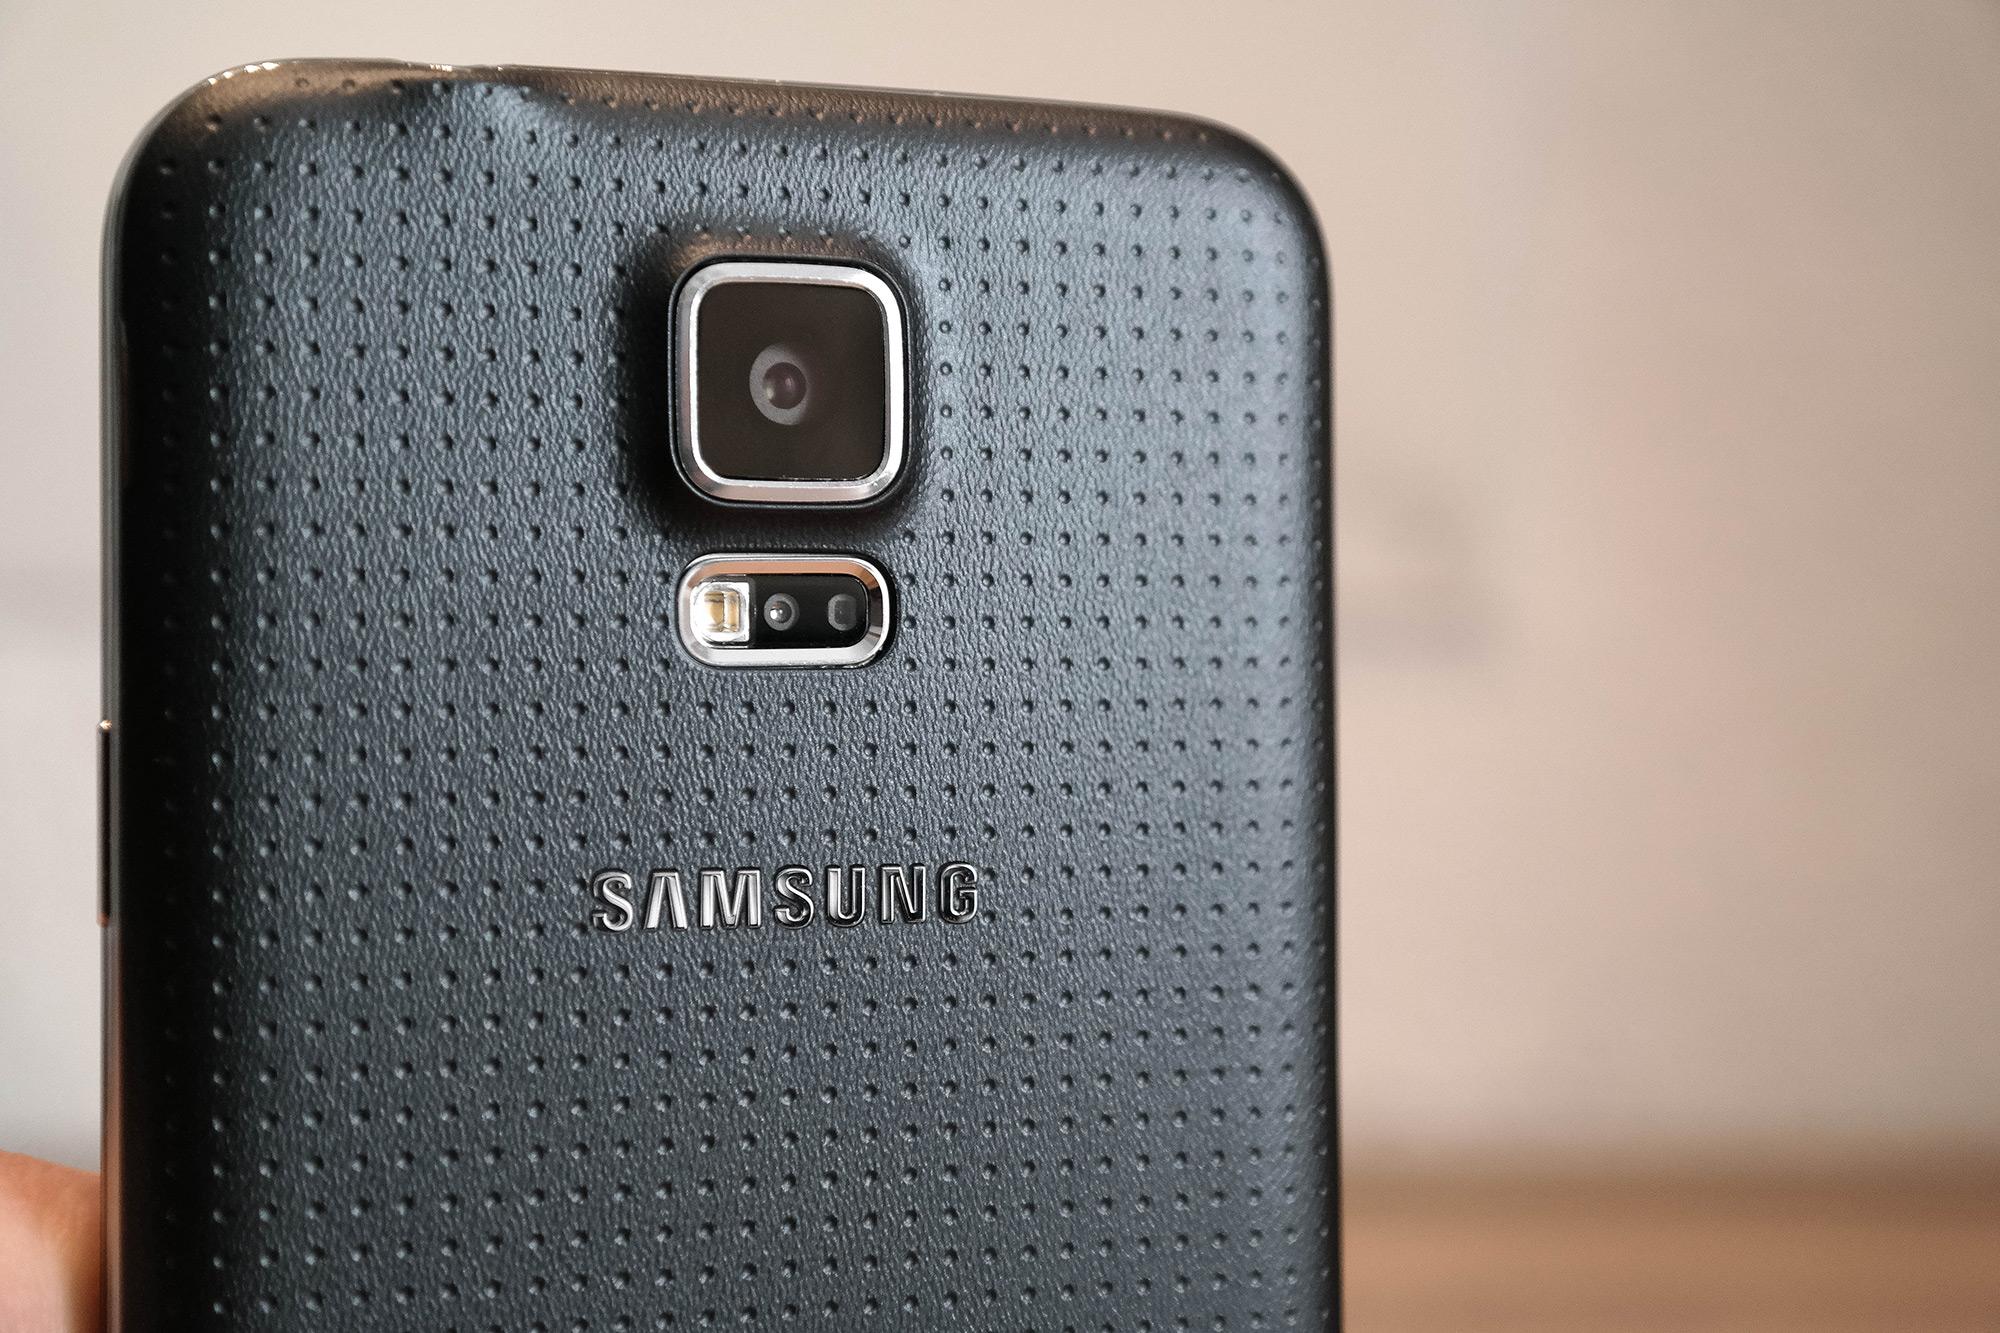 Samsung erklärt und behebt den Kamerafehler des Galaxy S5